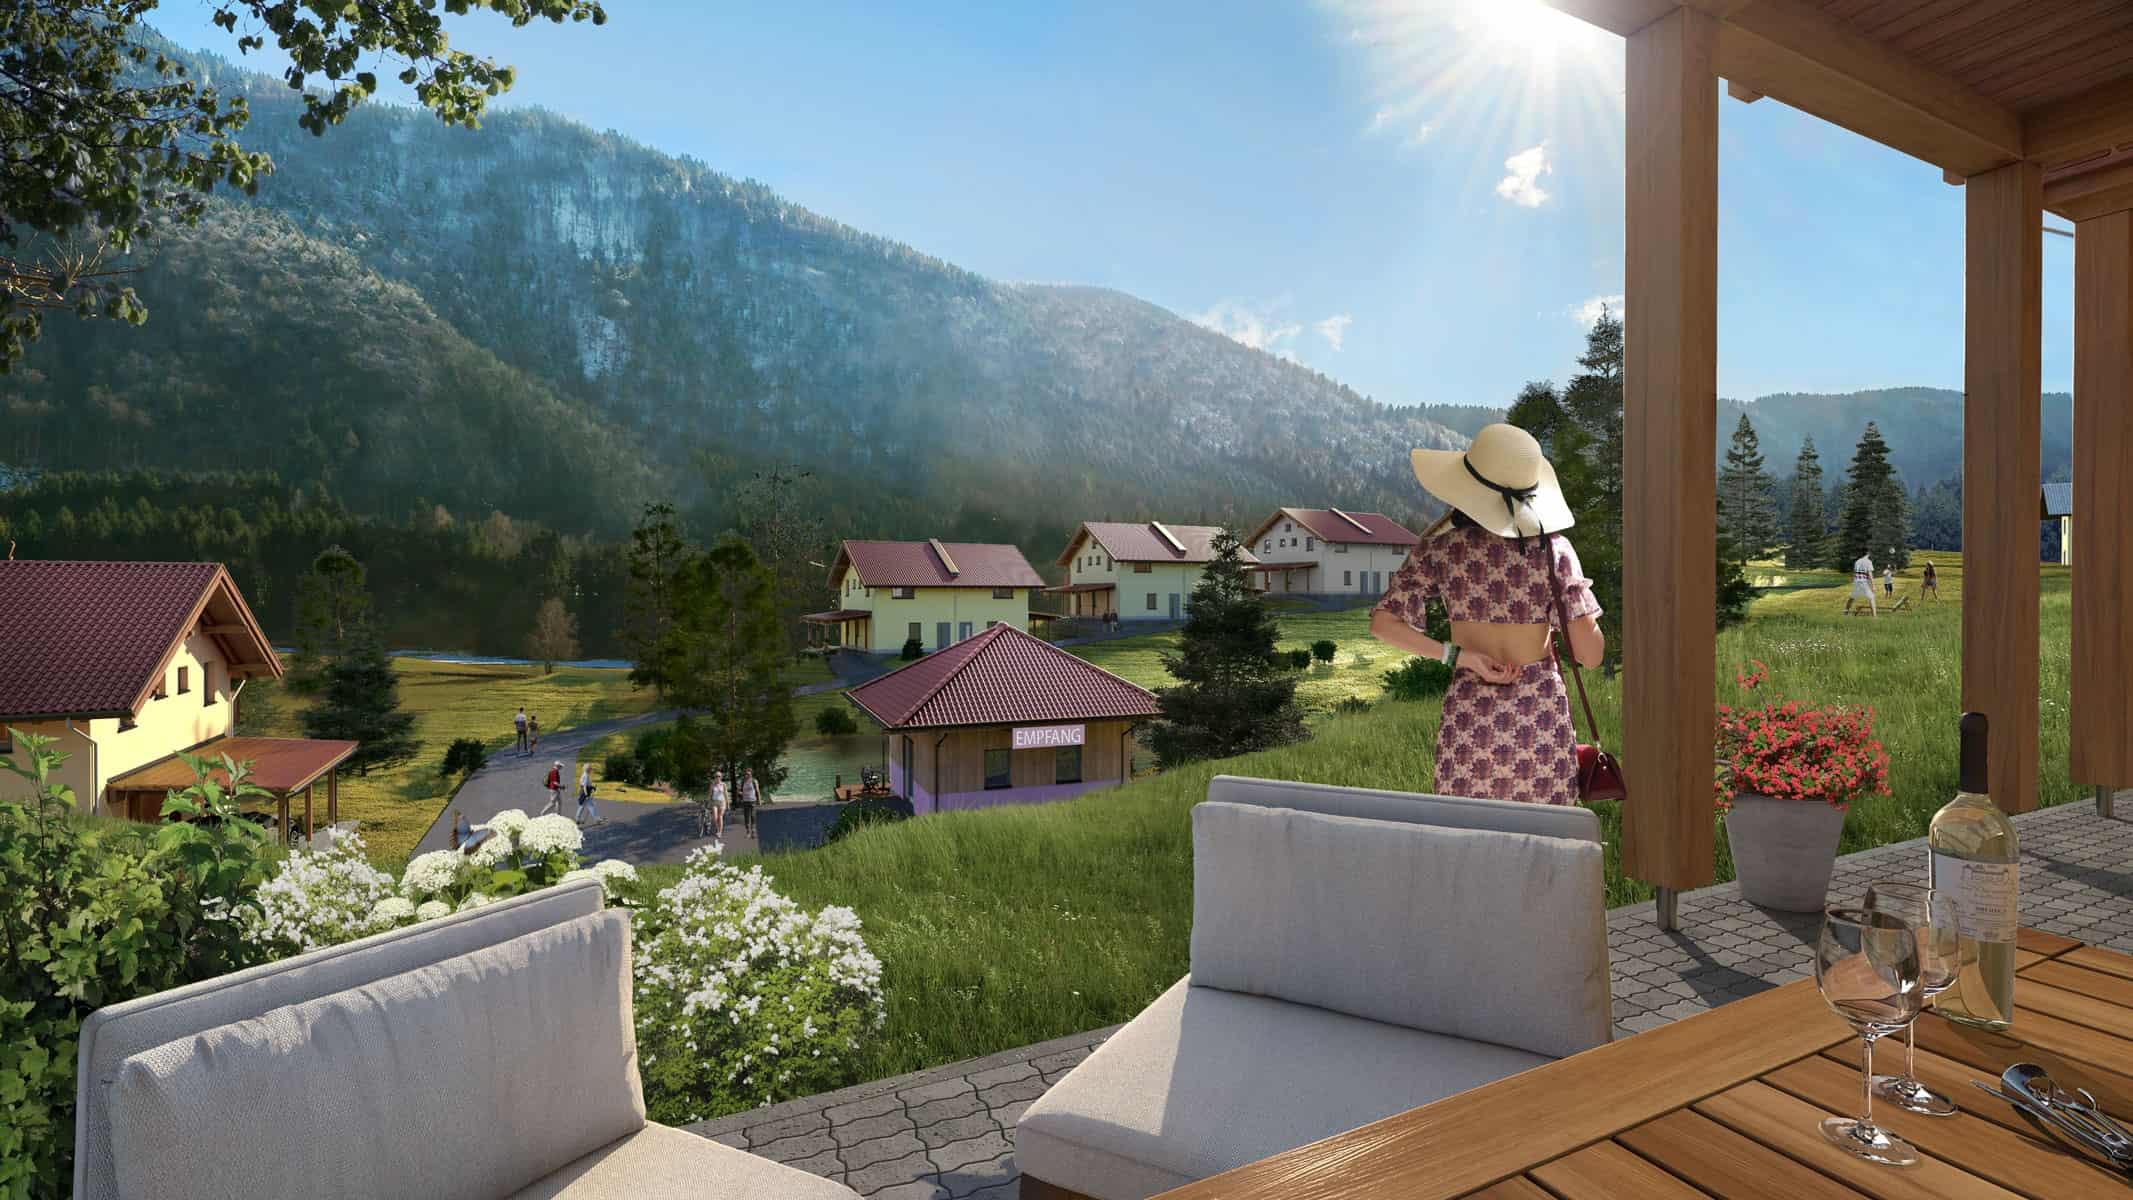 06 koopwoningen-oostenrijk-project-dreilaendereck-panorama-terras-2